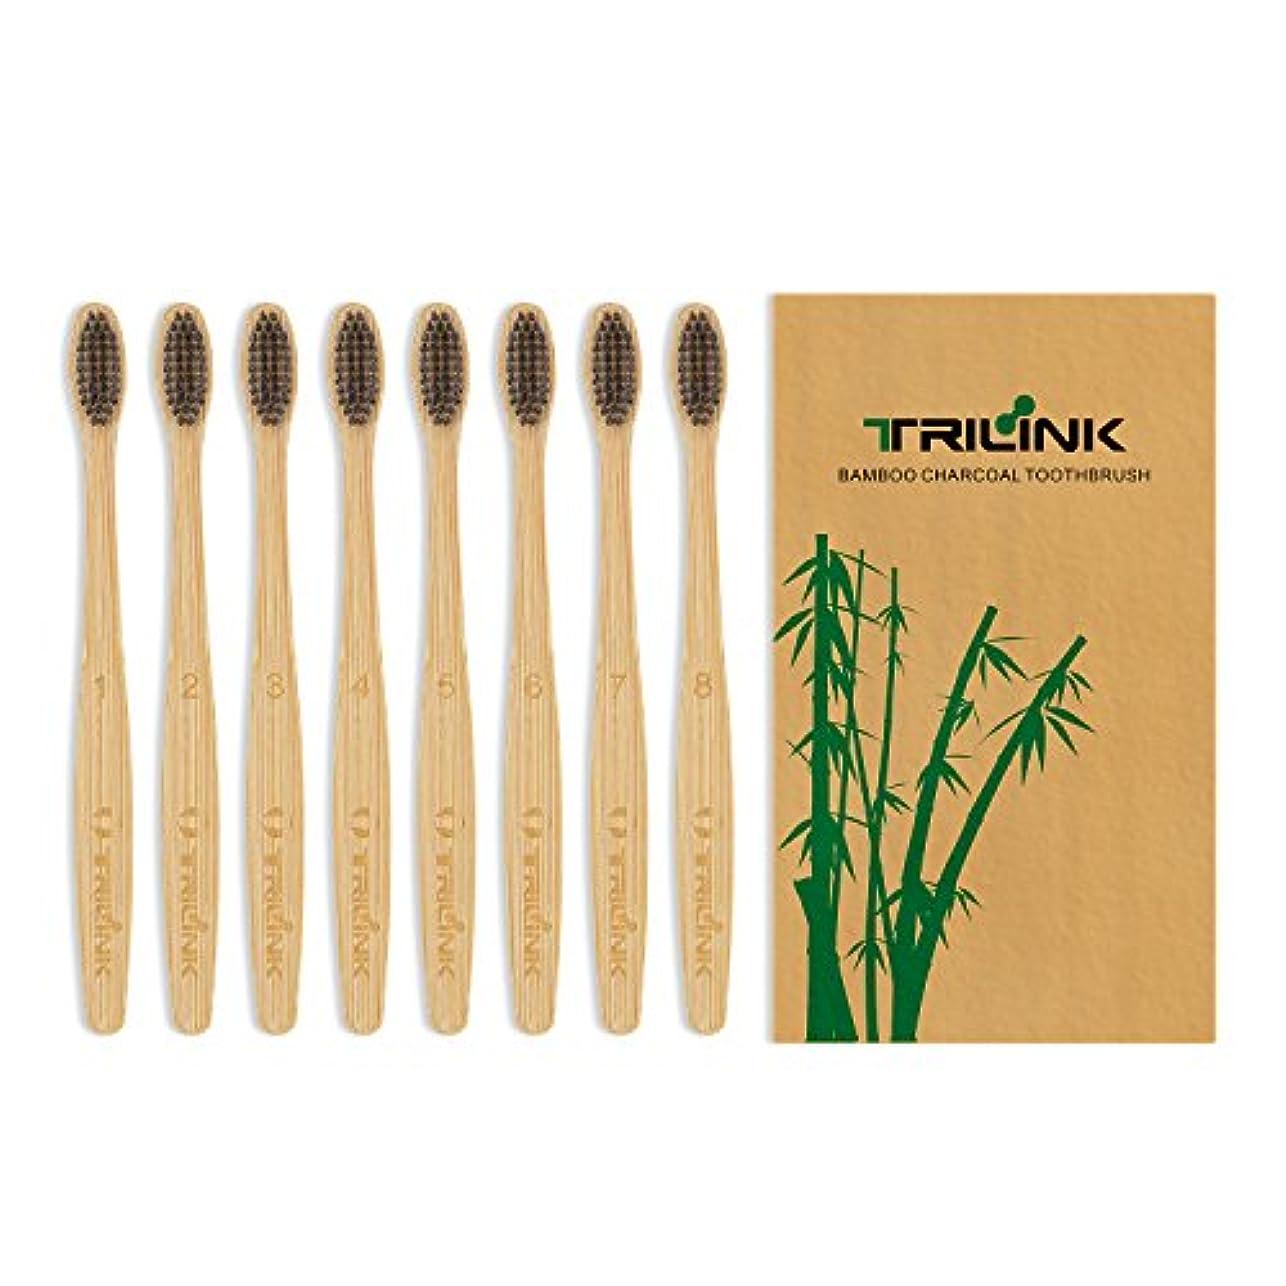 区画ニンニク変更大人用竹の歯ブラシ(8本) 環境保護 天然の柔らかい ハブラシ【 活性炭を注入】